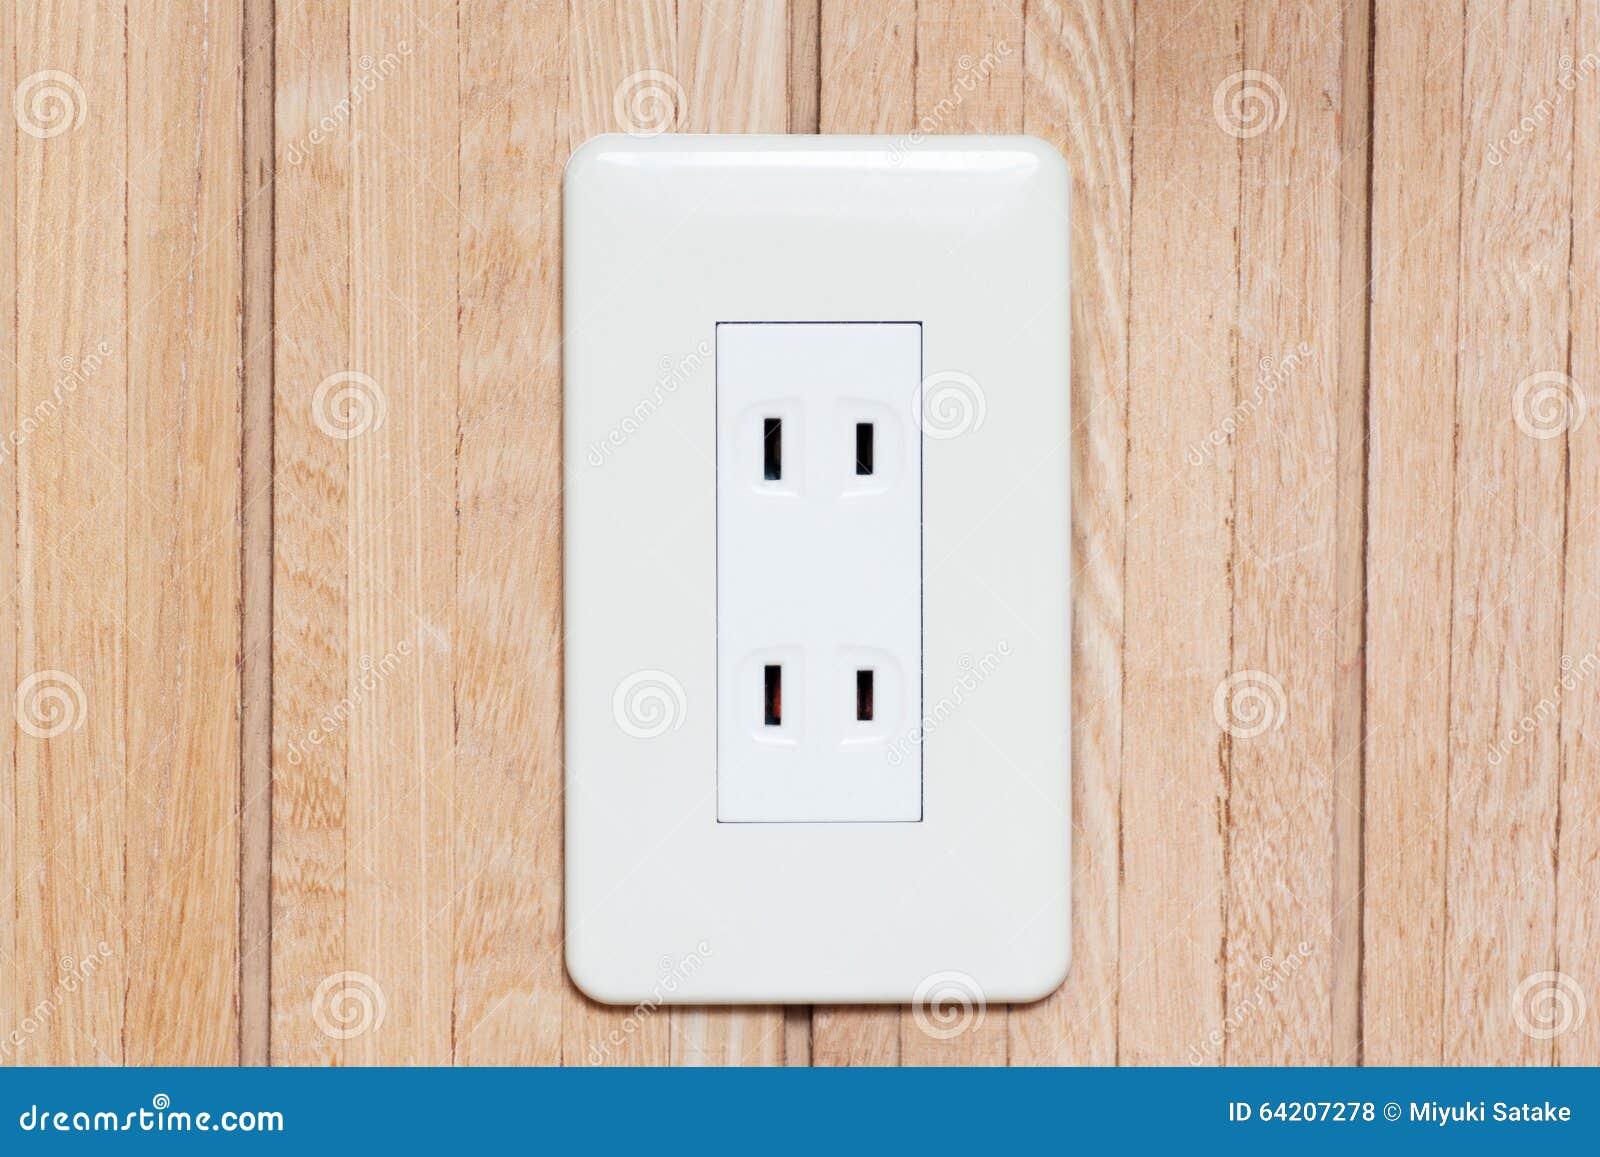 Zócalo japonés de la energía eléctrica